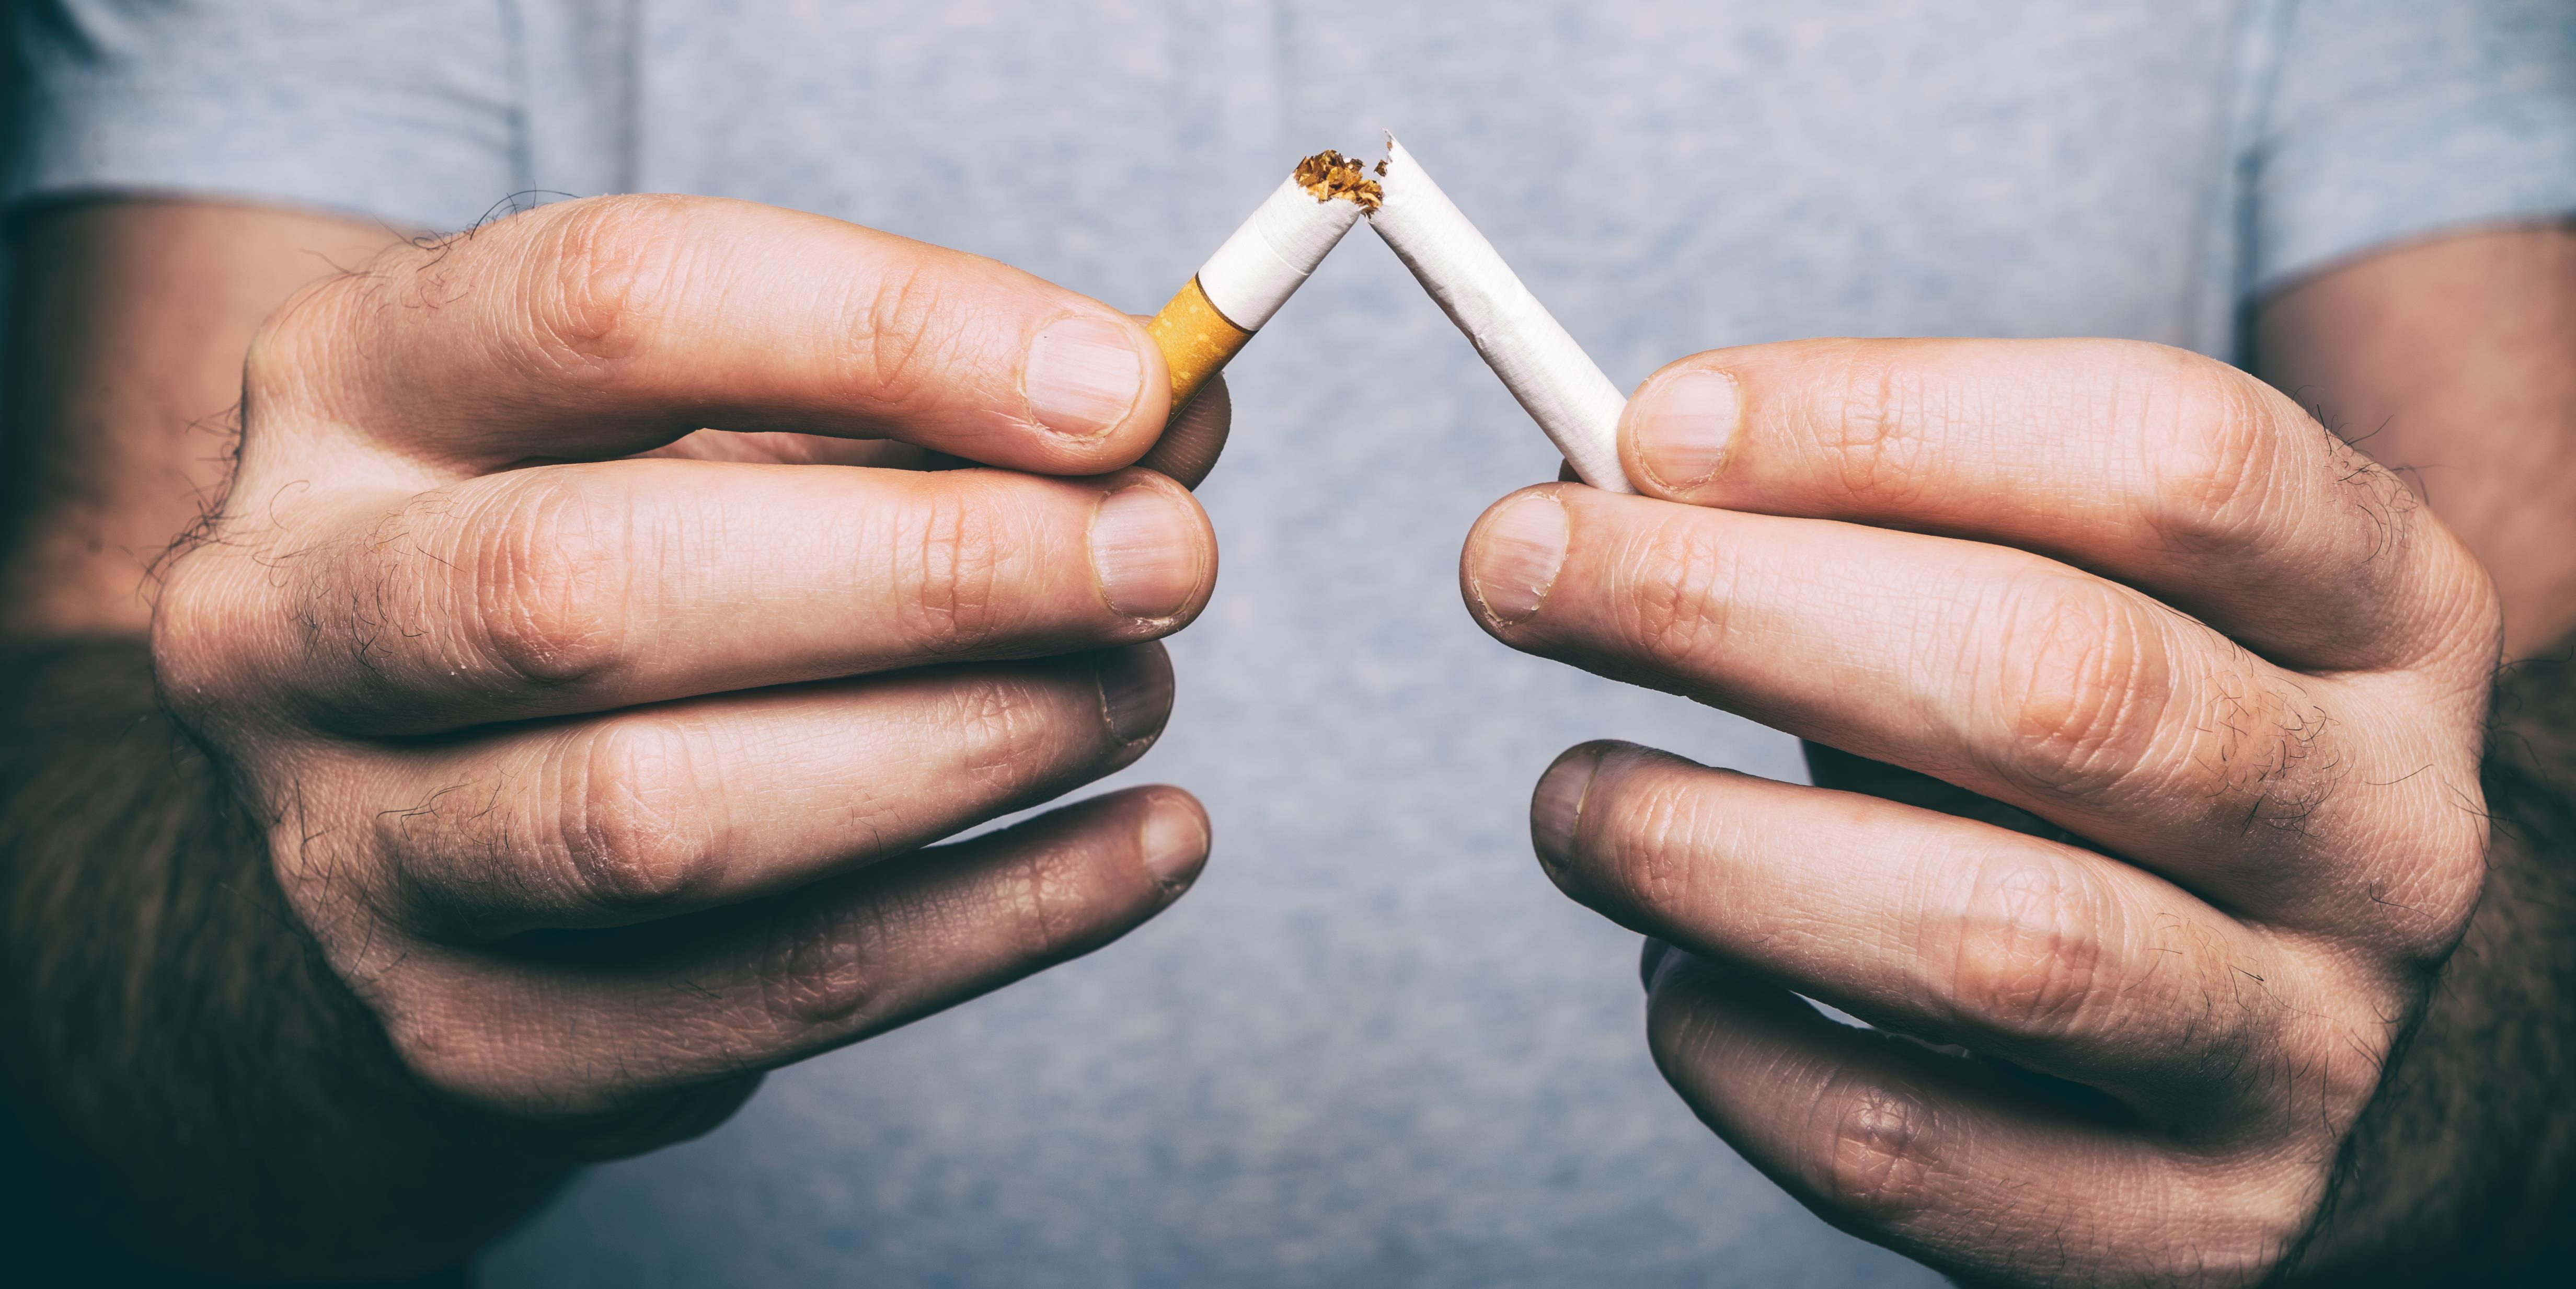 hány napig tart a dohányzás leszokása